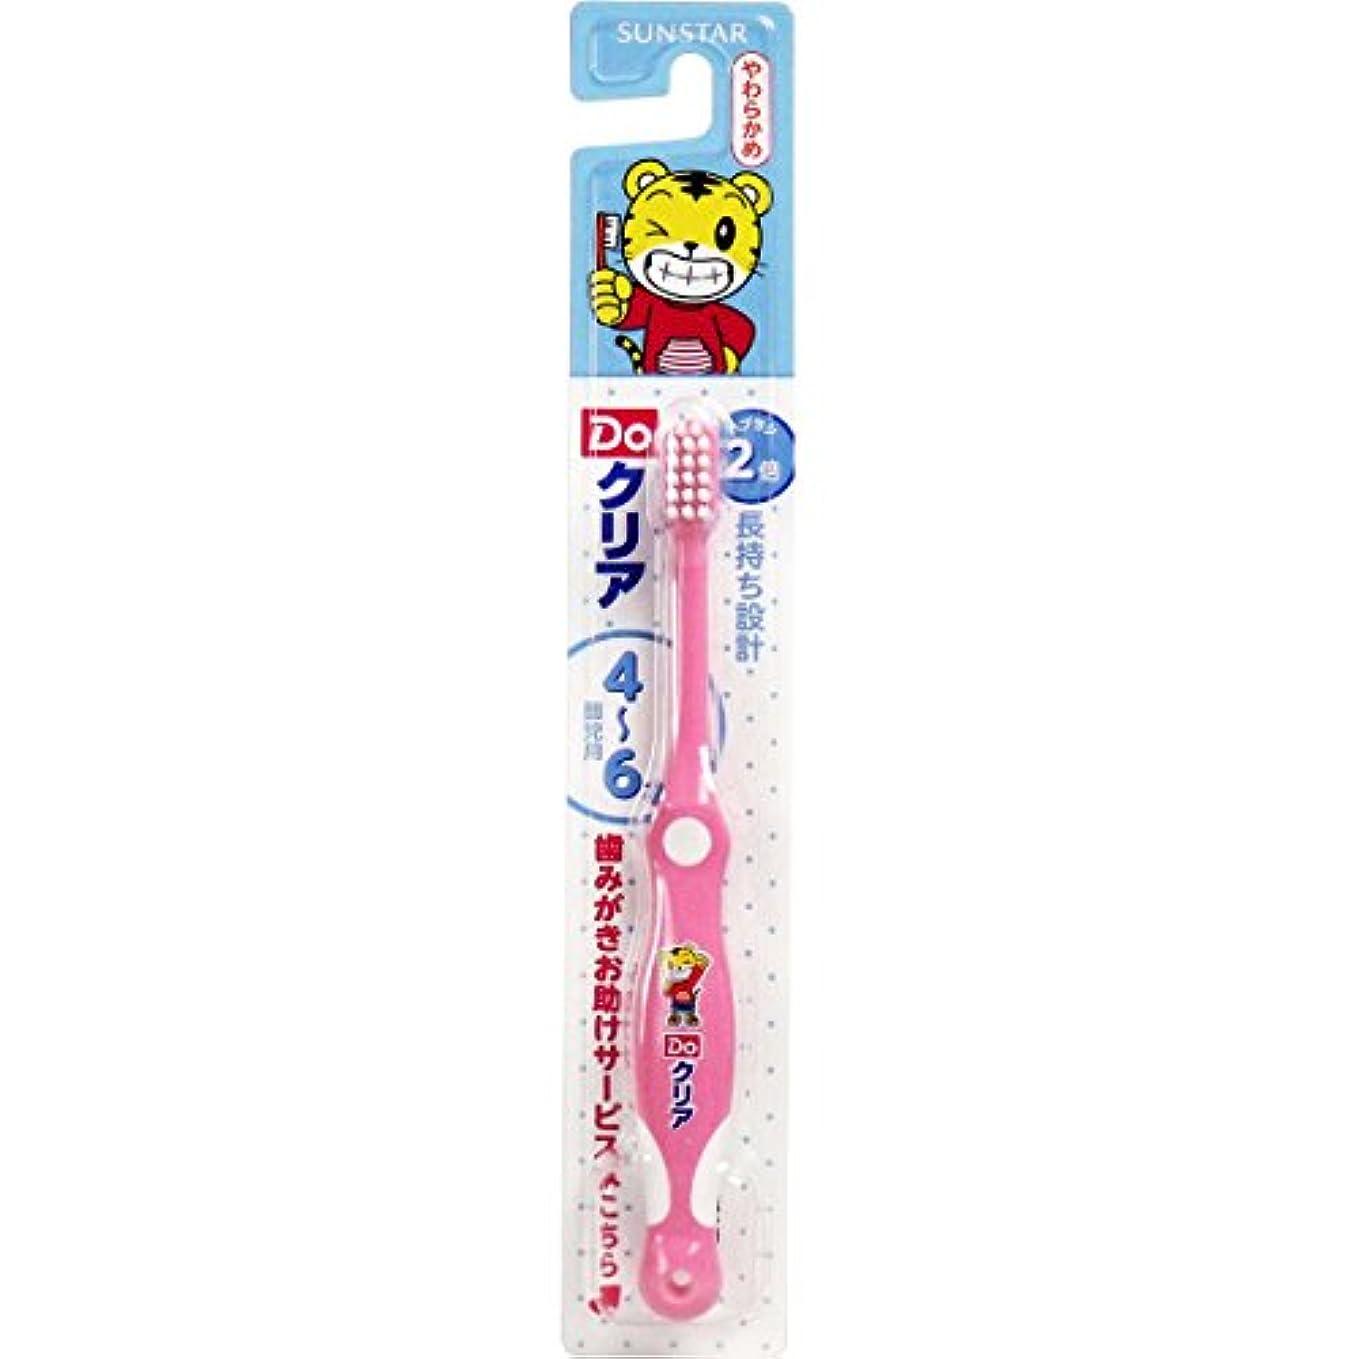 超えて好色なエクスタシーDoクリア こどもハブラシ 園児用 4-6才 やわらかめ:ピンク